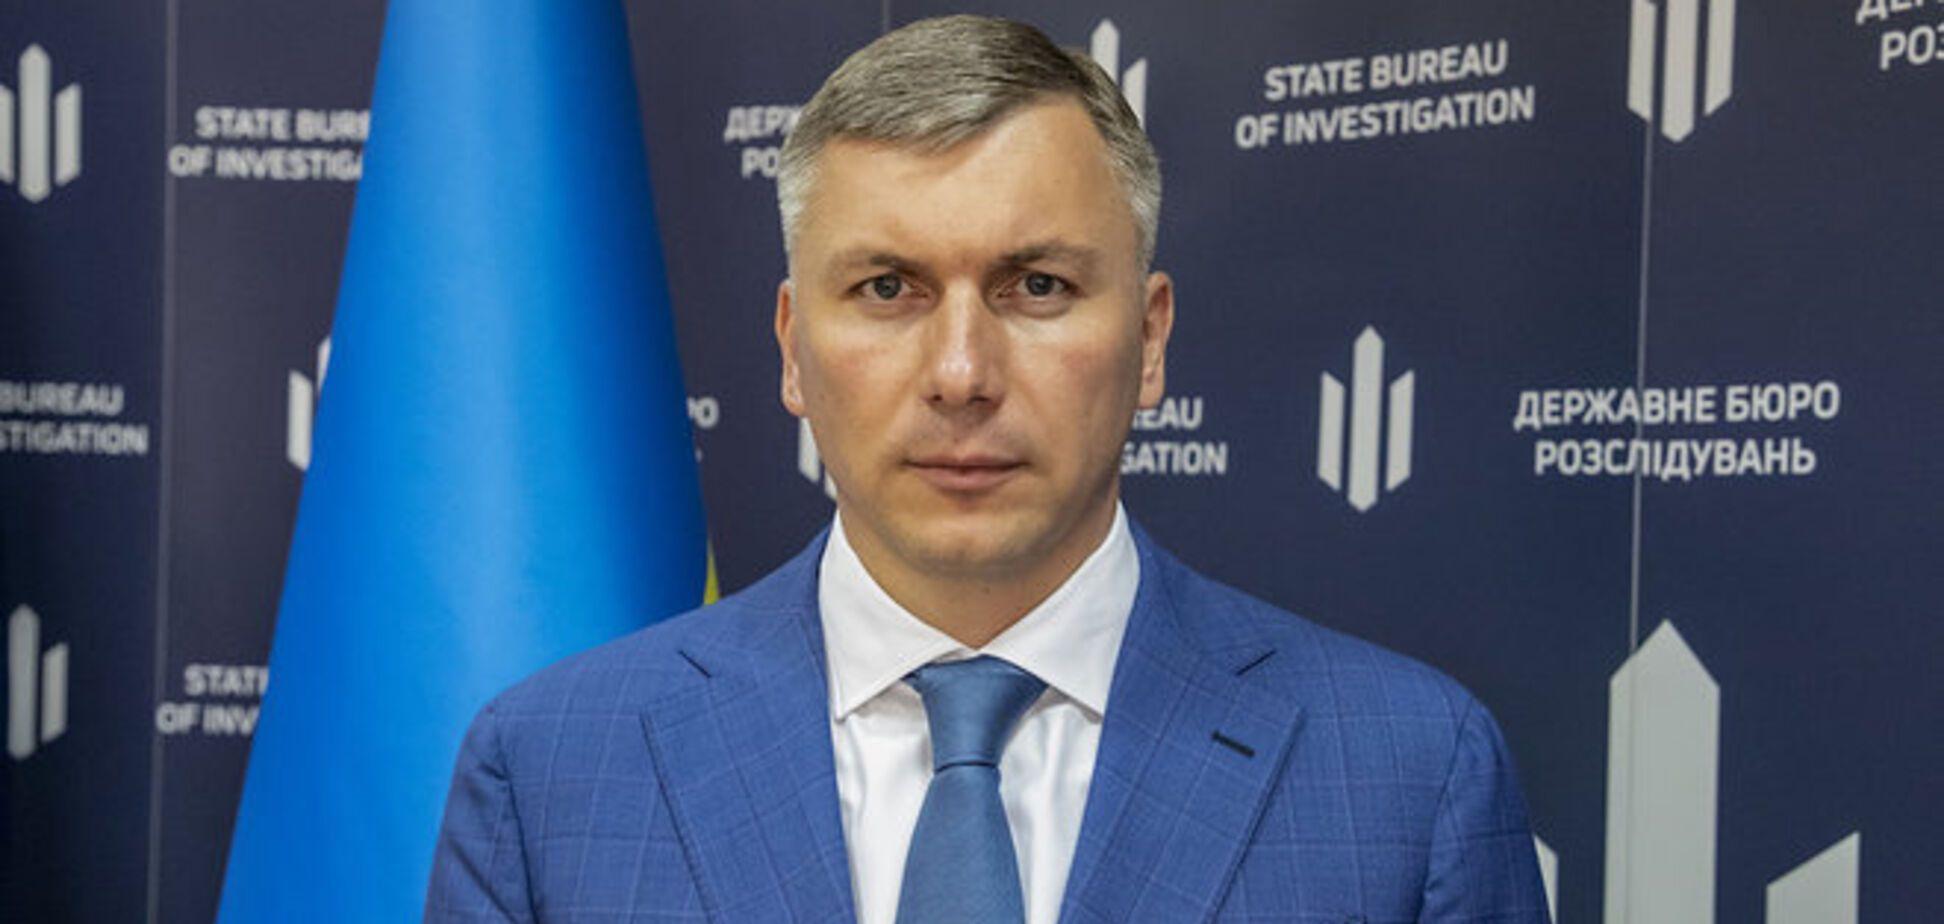 Алексей Сухачев стал главой ГБР. Источник: сайт ГБР